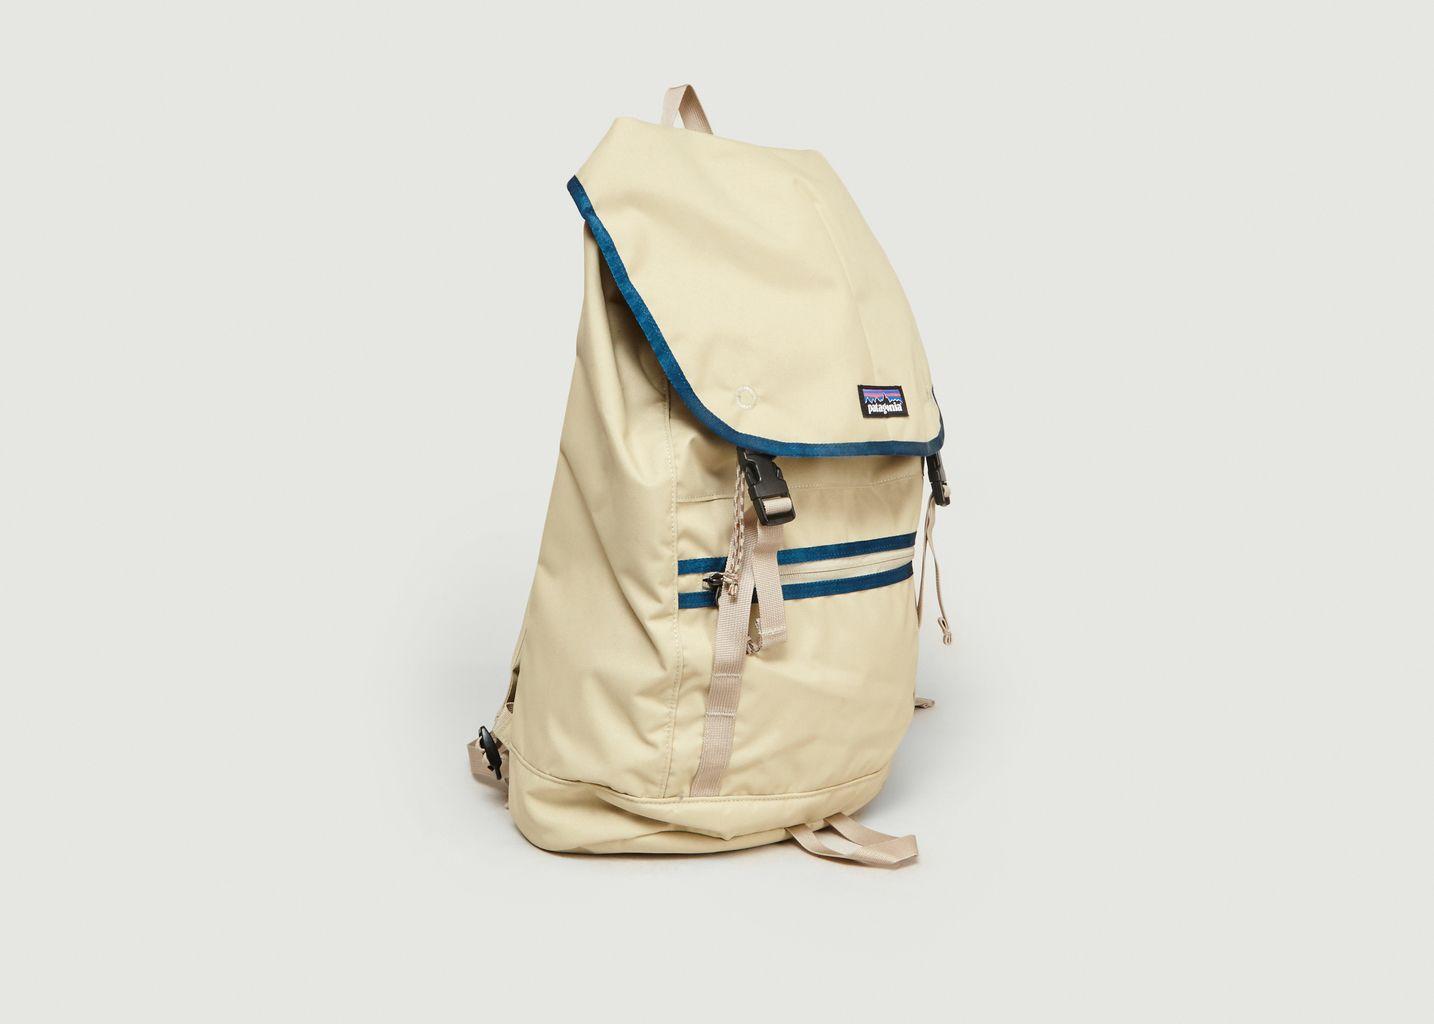 Sac Arbor Classic Pack - Patagonia